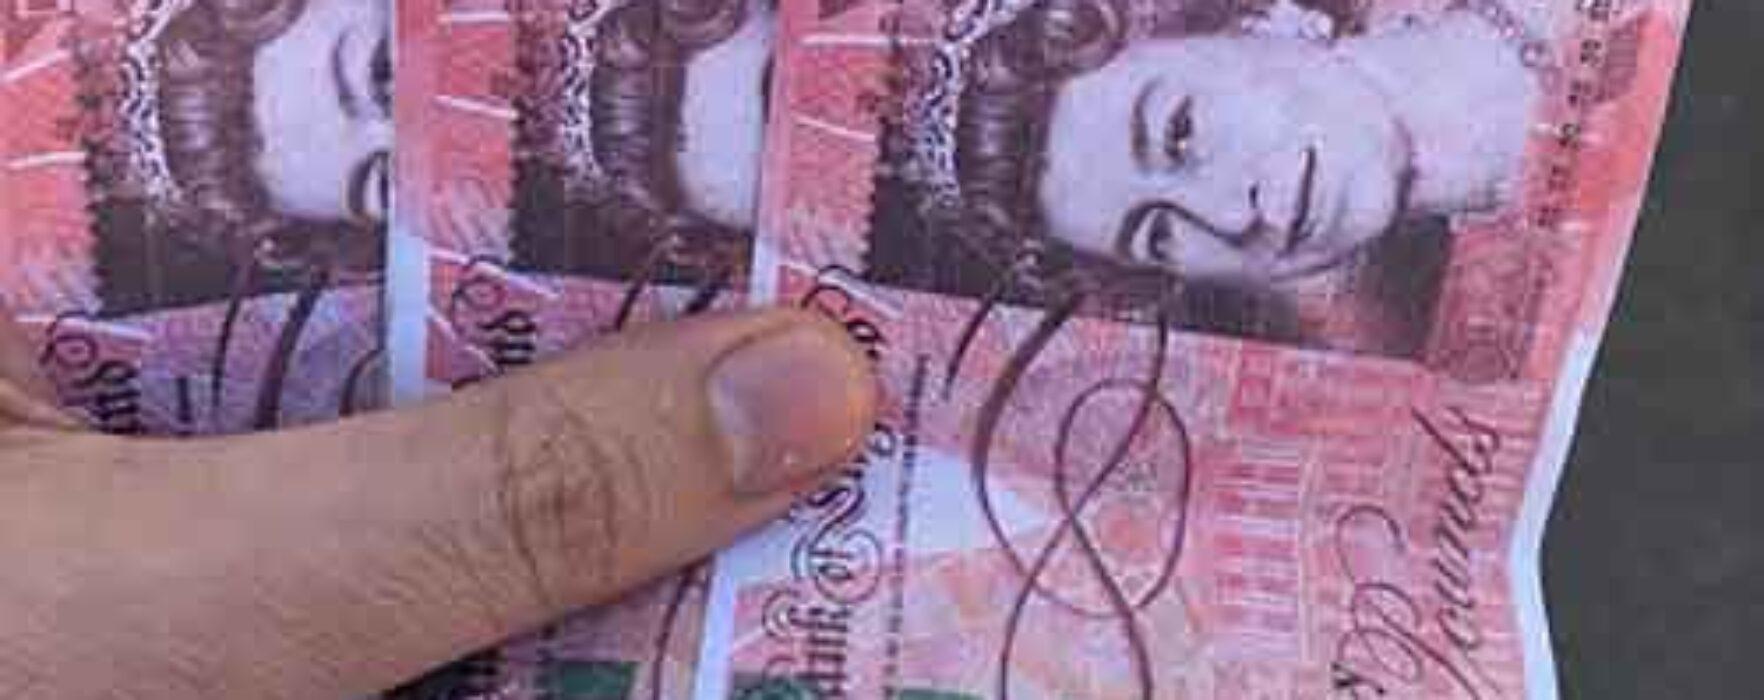 Dâmboviţa: Reţinut de Poliţie, după ce a oferit bani falşi unor femei pentru a întreţine relaţii sexuale